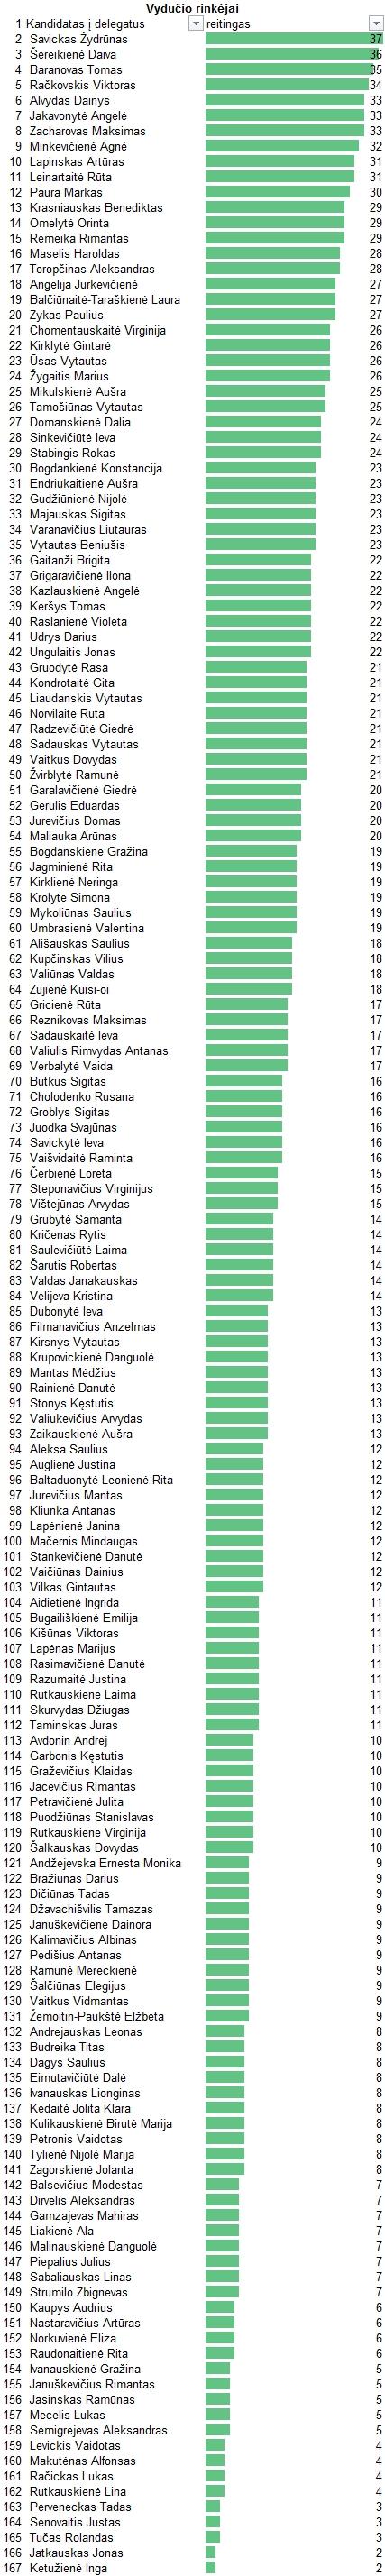 Čia yra sureitinguoti visi kandidatai į suvažiavimo delegatus pagal balsavusiuosius už Vydutį Šereiką kaip kandidatą nuo LRLS į Senamiesčio vienmandatę 2016 metų Seimo rinkimams.